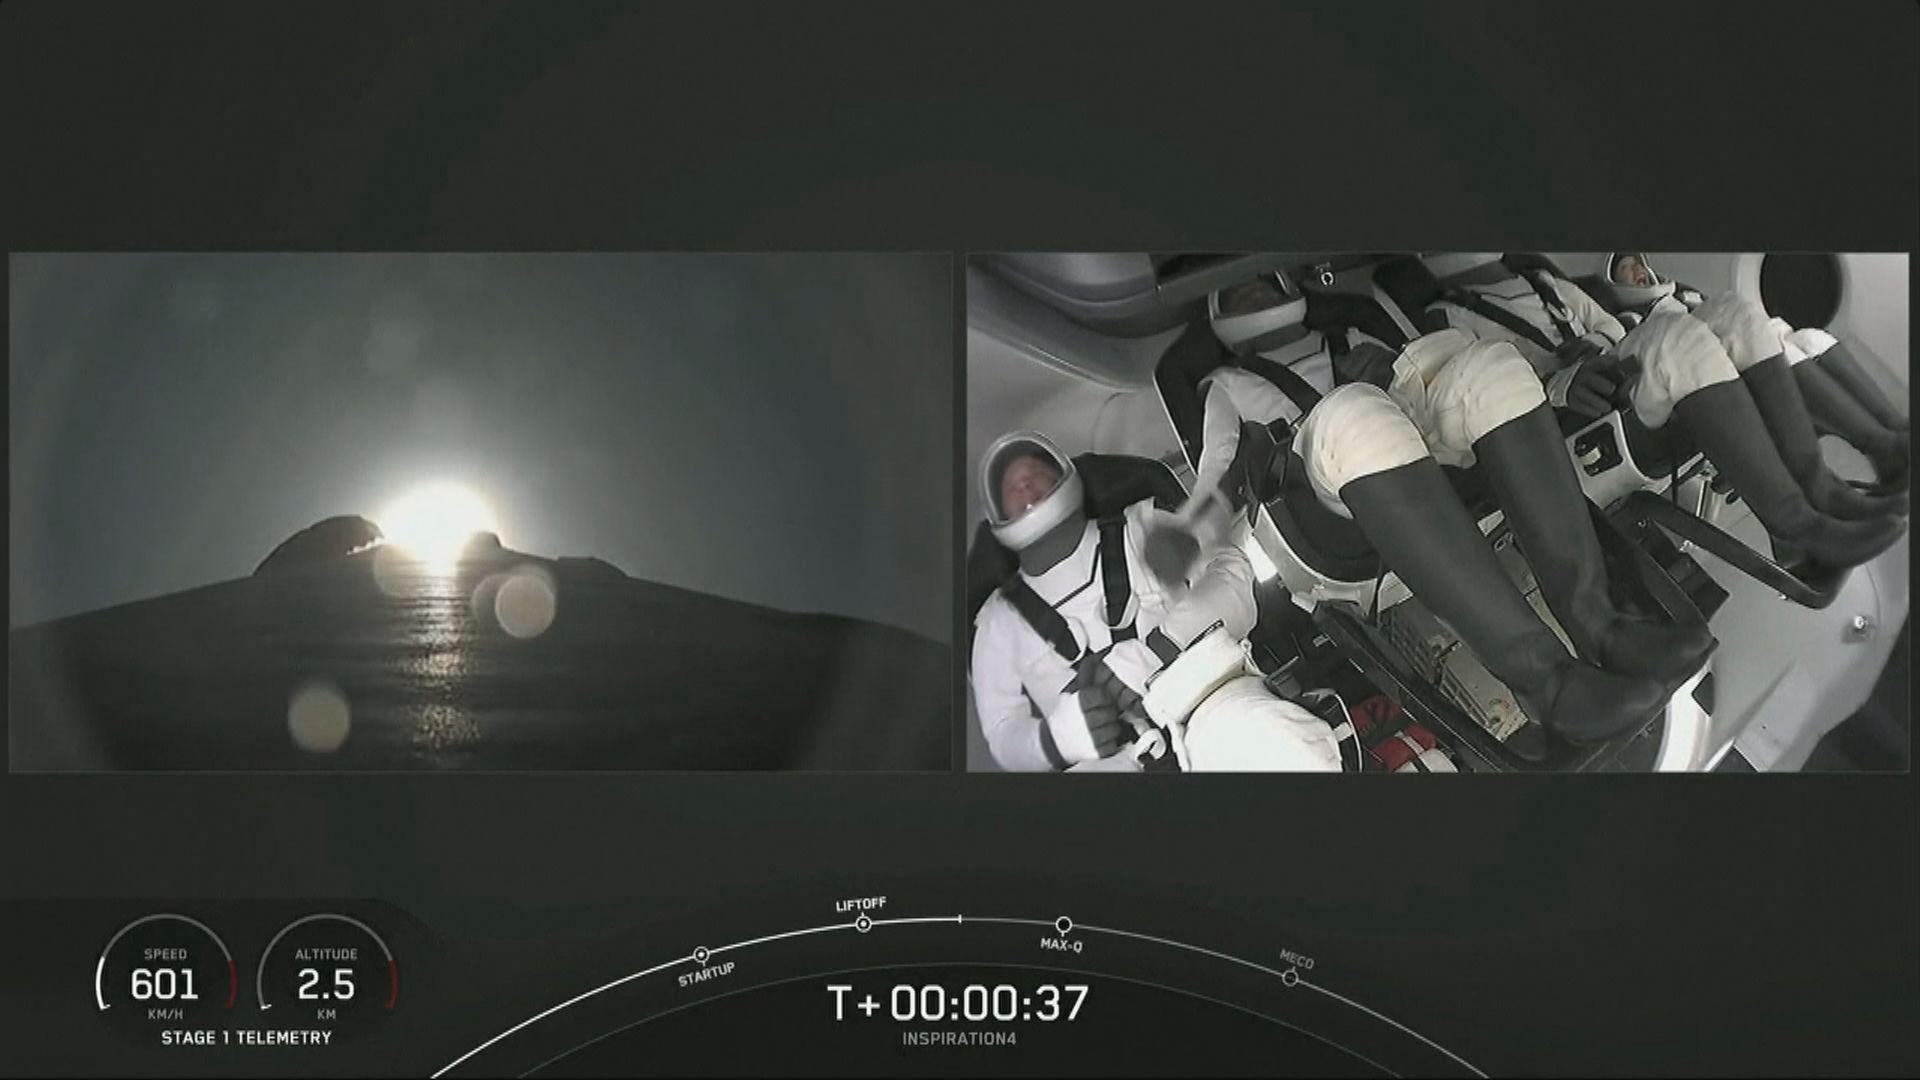 【首次全素人】SpaceX載太空旅客飛船順利升空